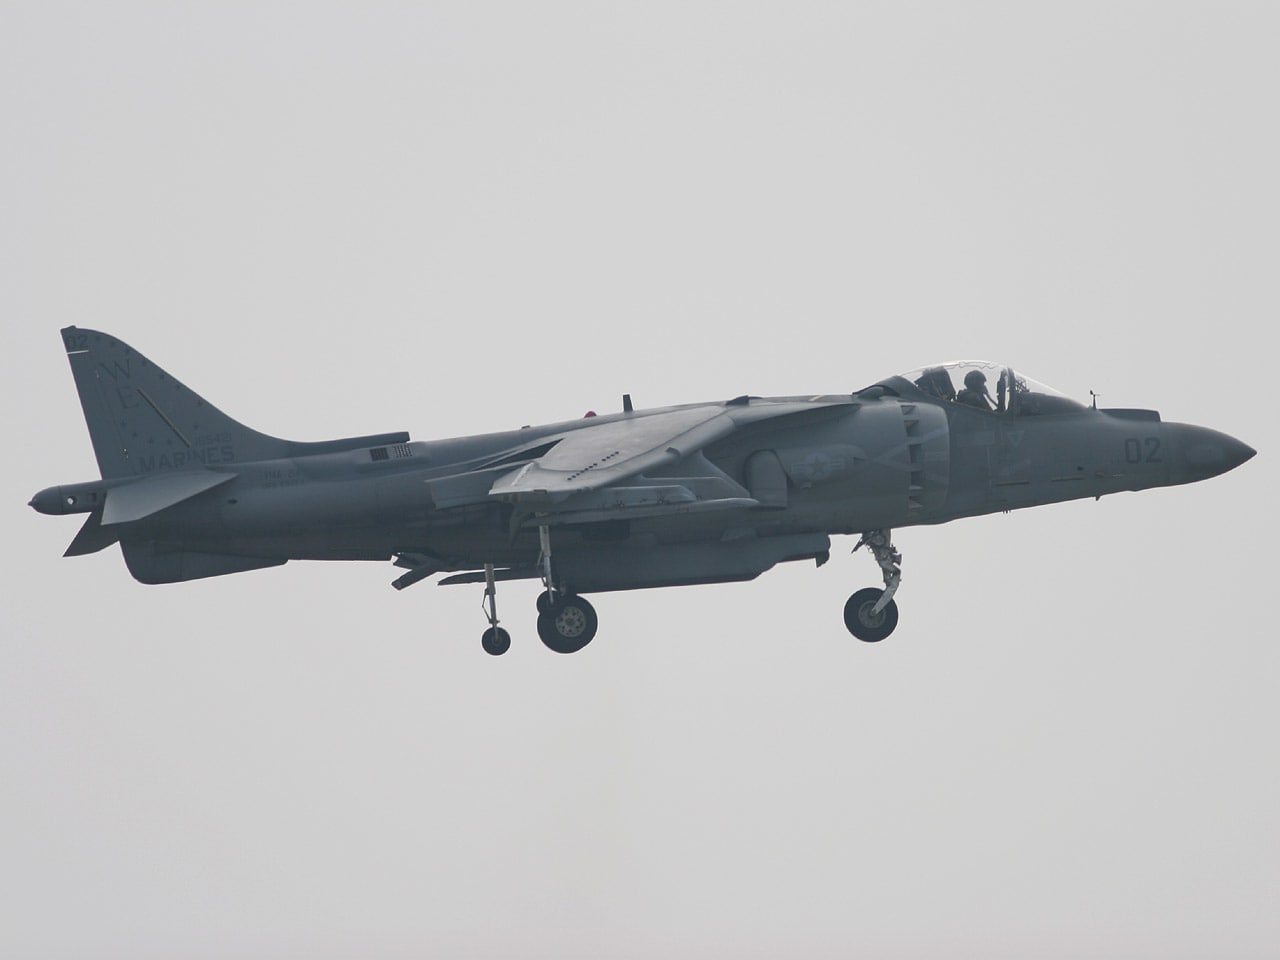 ハリアー II (航空機)の画像 p1_25